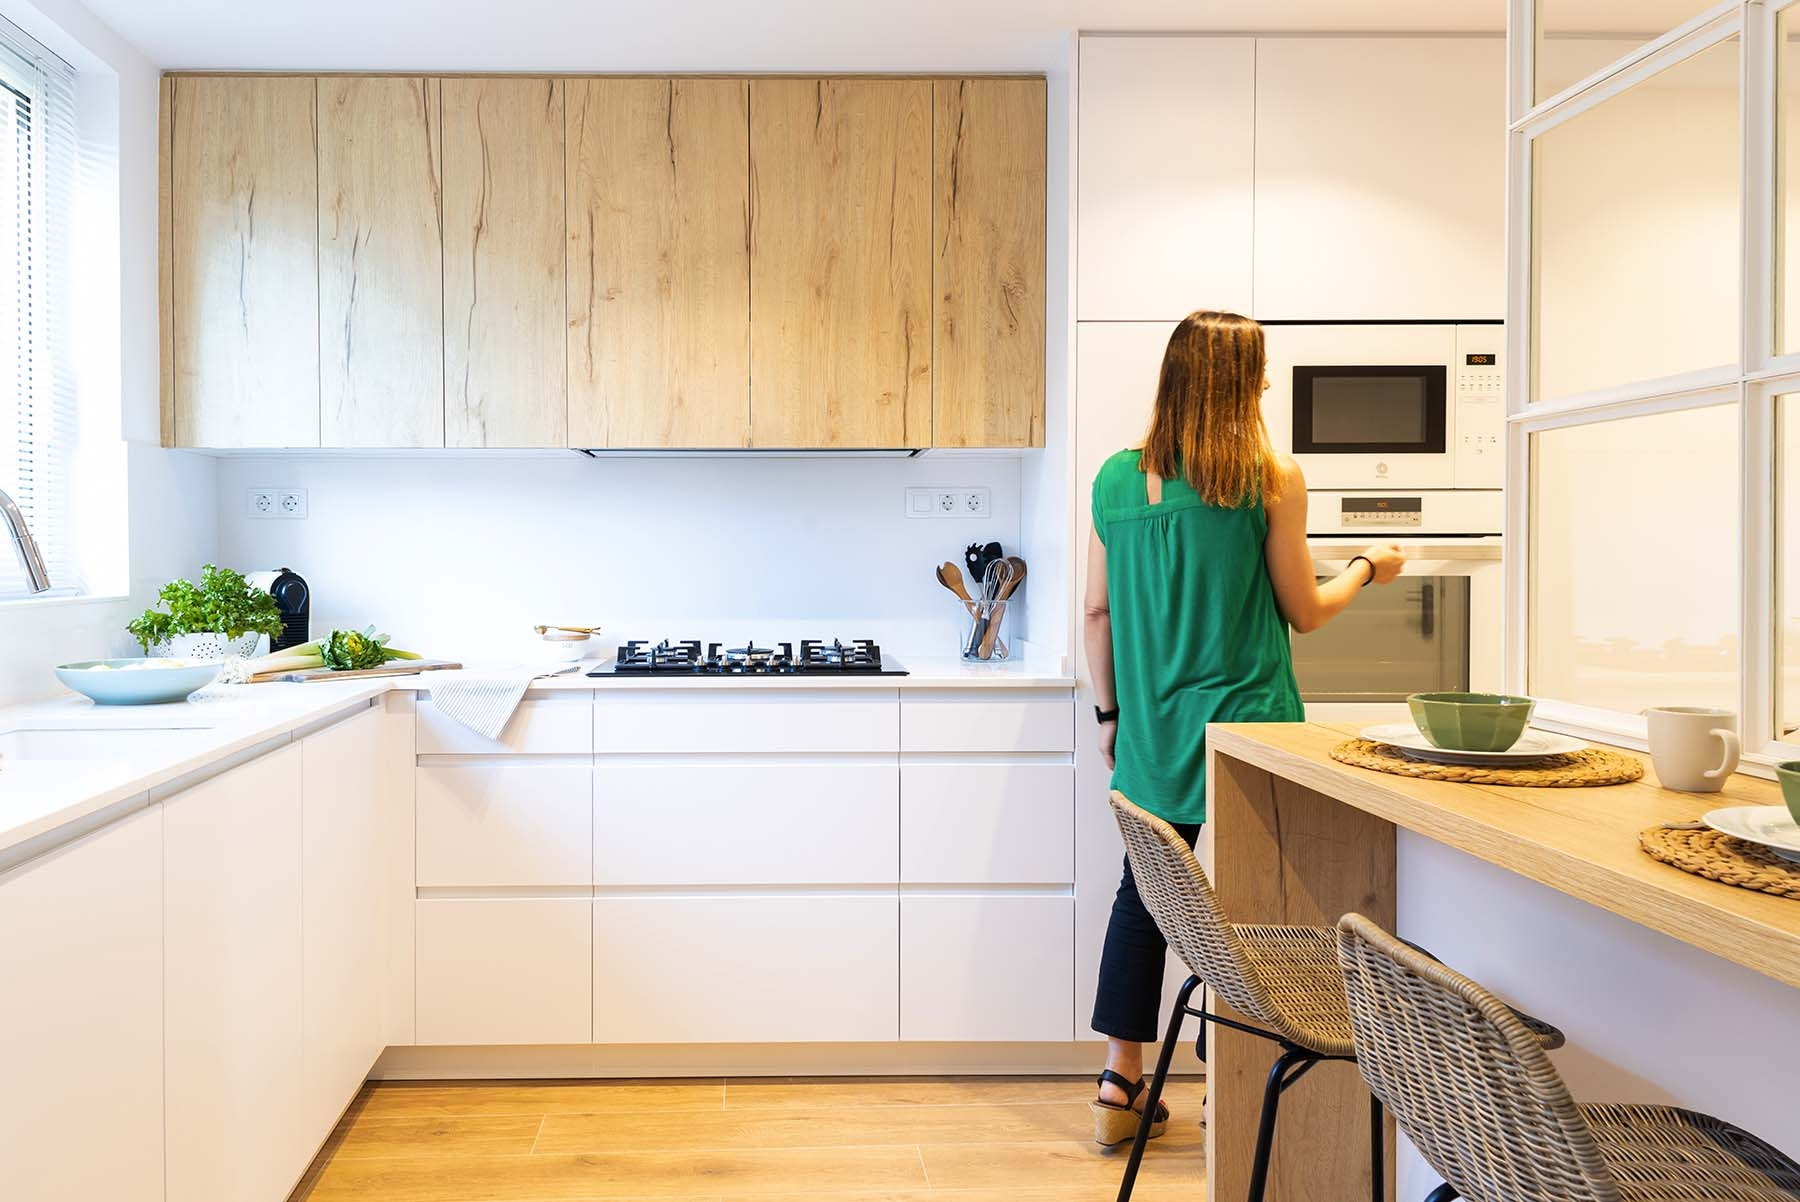 La cocina creada por Laura Martínez es luminosa y acogedora.